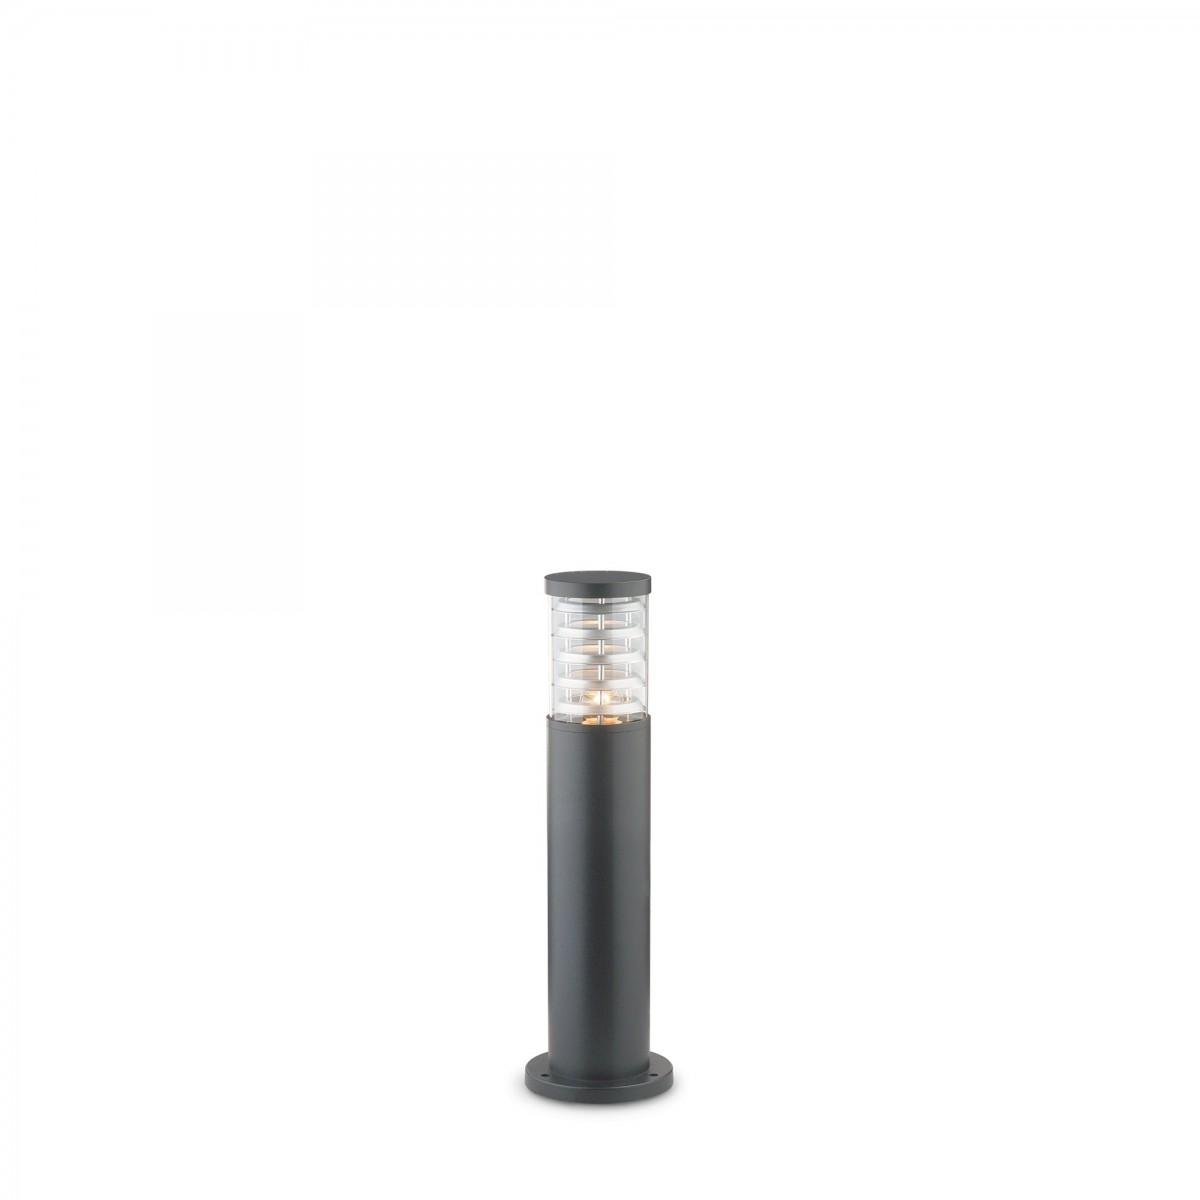 Ideal Lux 248257 venkovní sloupkové svítidlo Tronco 1x60W | E27 | IP54 - antracit